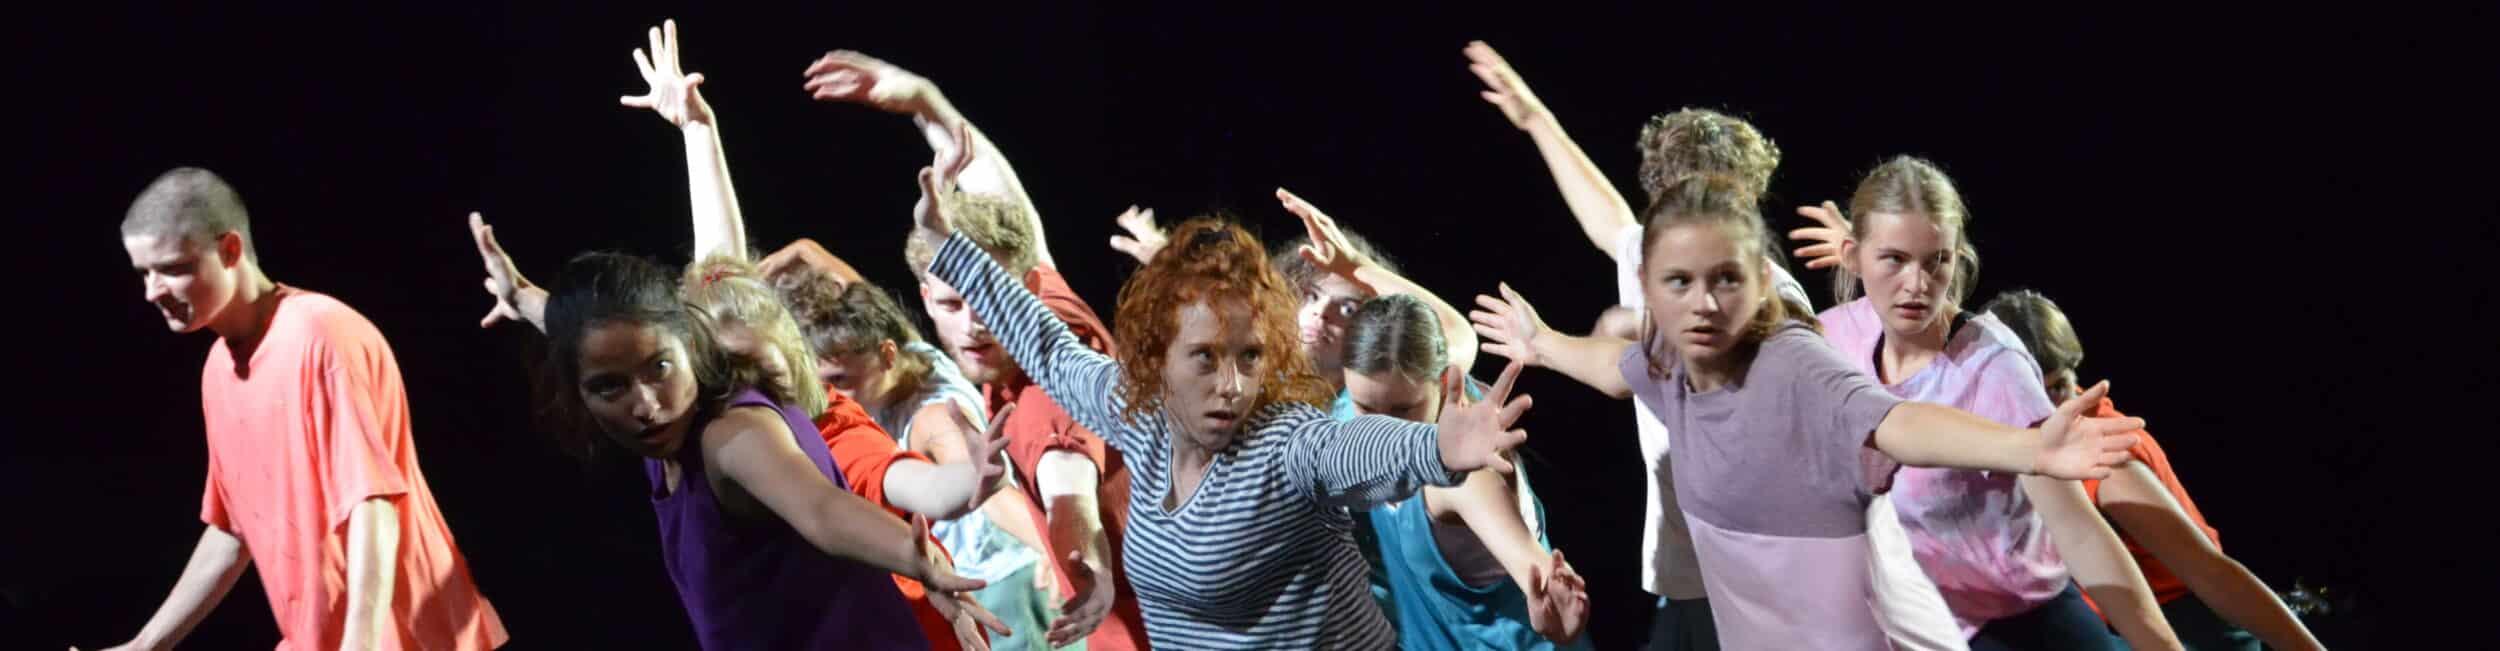 Bundestreffen Jugendclubs an Theatern